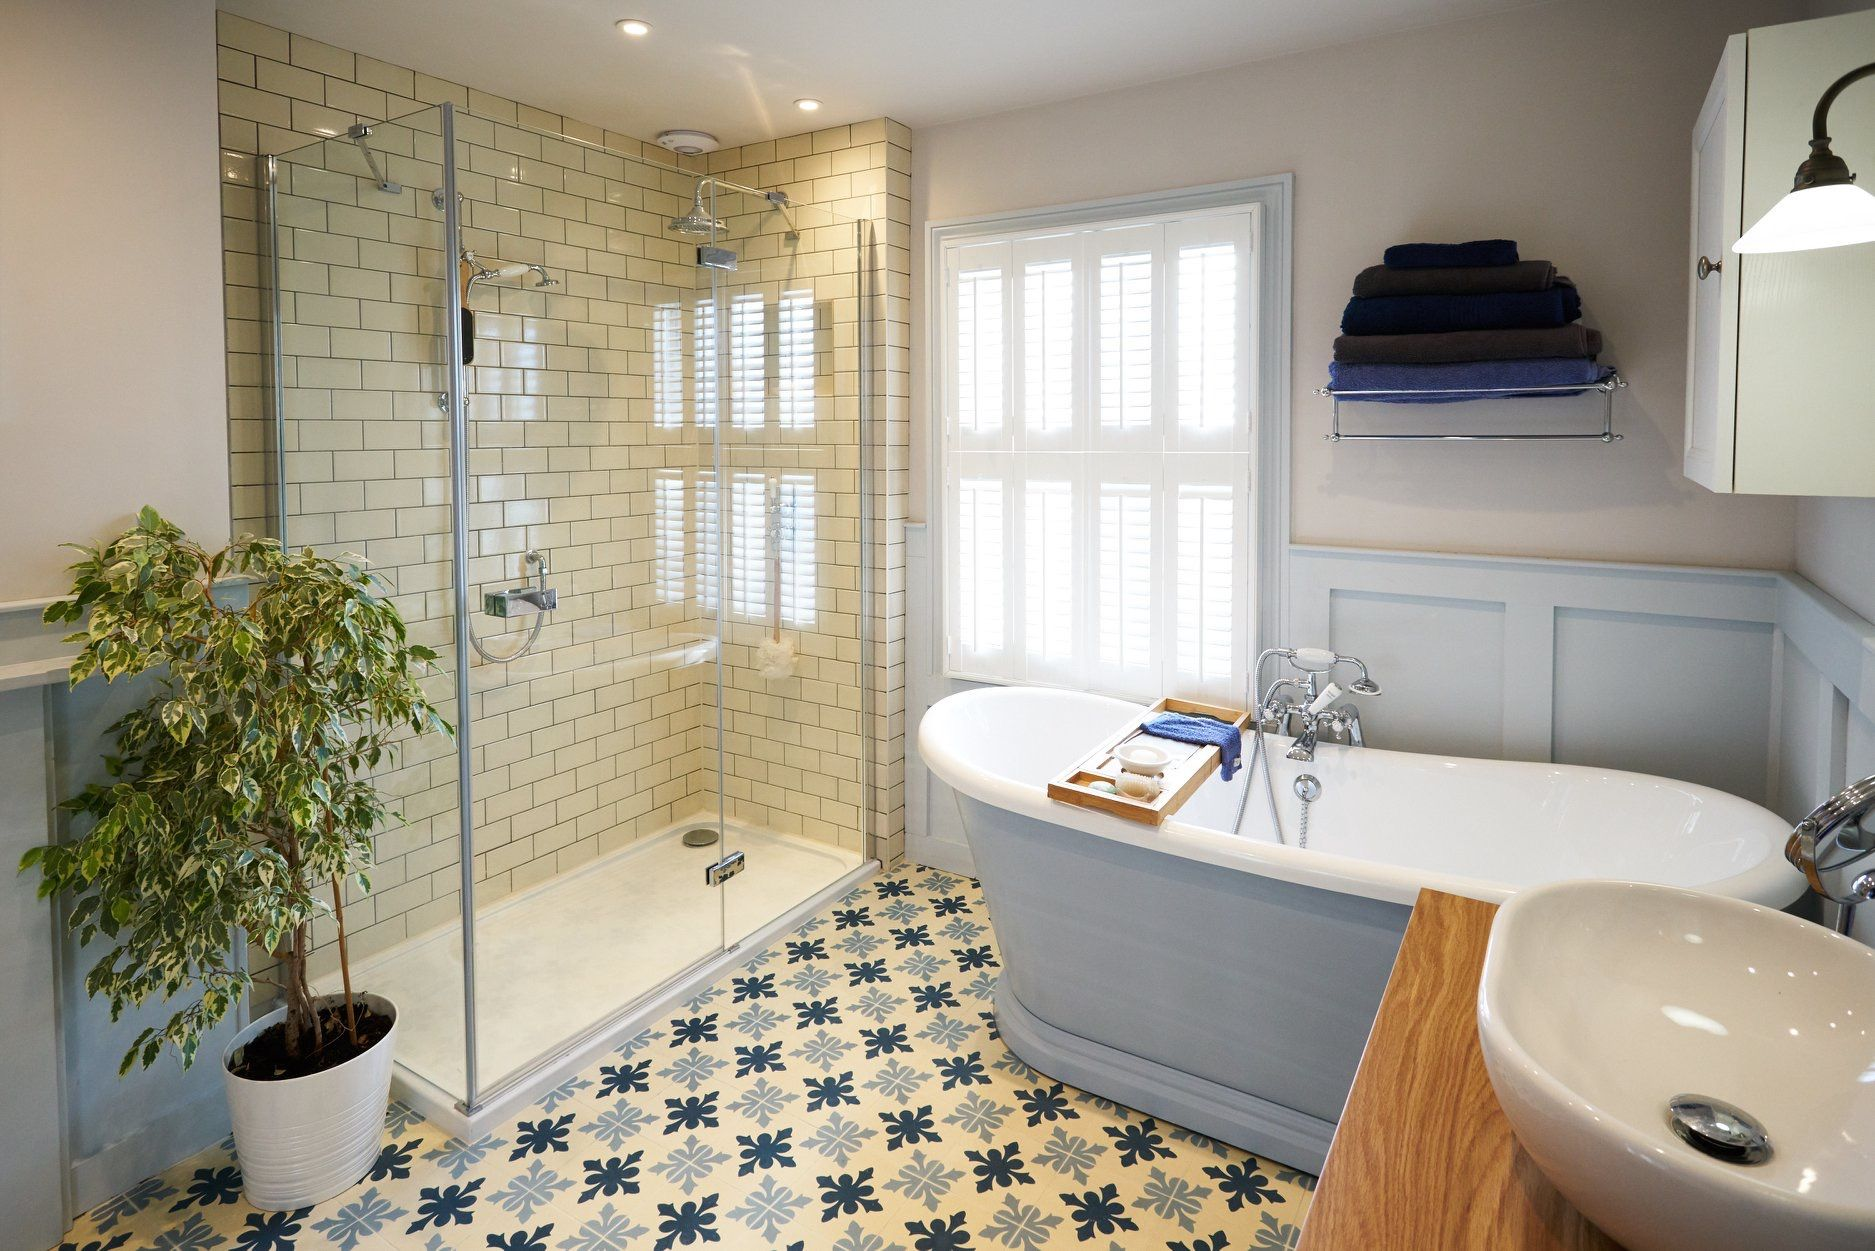 pintomas satas on bathroom ideas  large bathroom